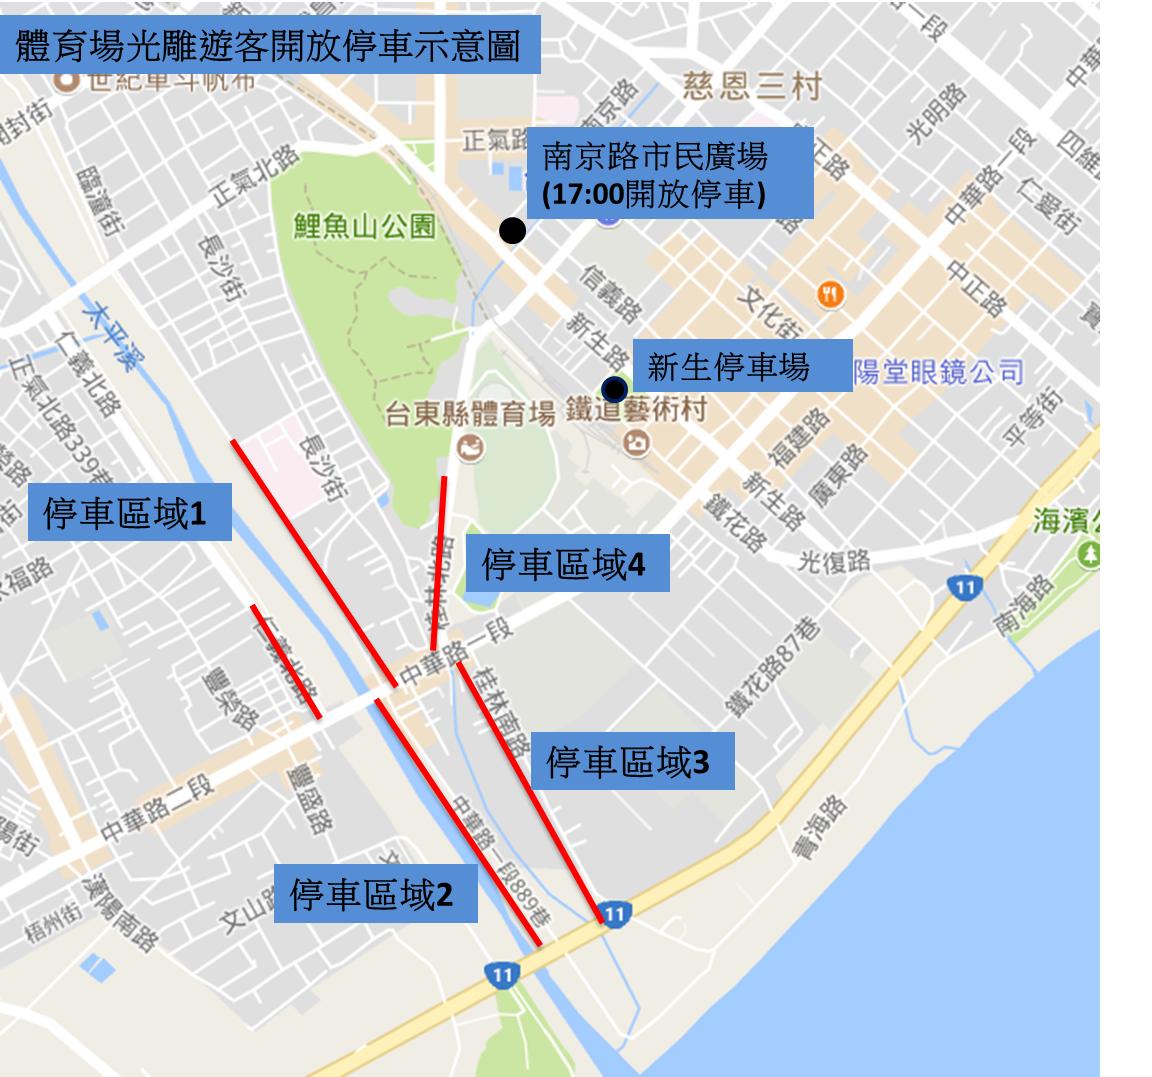 台東民宿2017臺灣國際熱氣球嘉年華6月30日體育場開幕光雕音樂會停車及交通指引